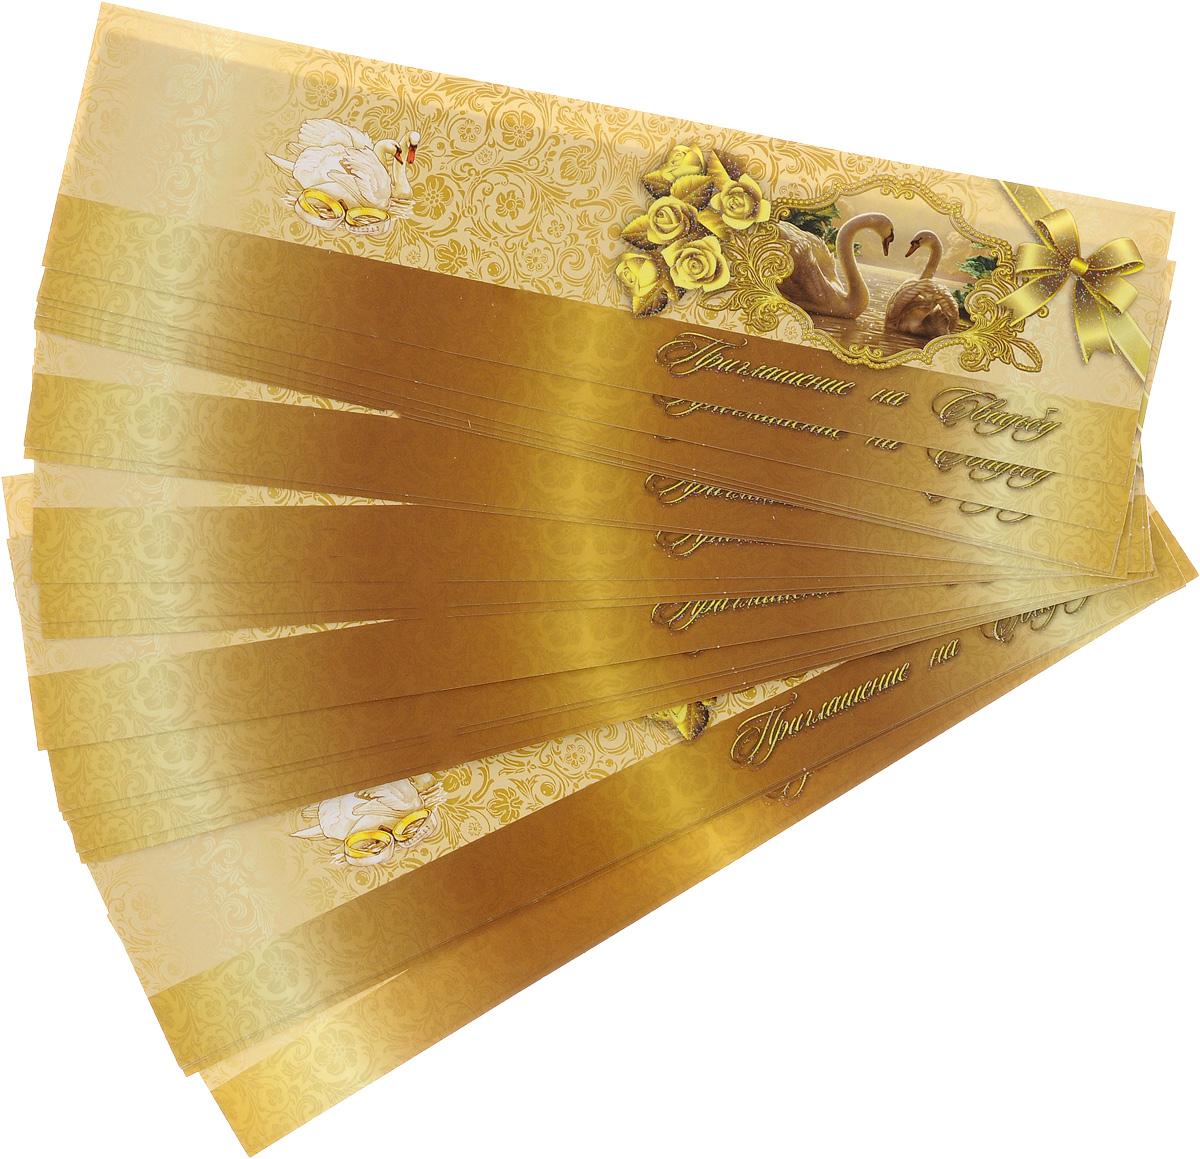 Набор приглашений на свадьбу Принт Торг 2 лебедя, 20 шт18.004Набор Принт Торг 2 лебедя состоит из 20 приглашений на свадьбу, выполненных из картона. На развороте изделия содержится текст, в который вы можете вписывать свои данные. С набором Принт Торг 2 лебедя вы оригинально пригласите всех своих друзей и родственников на ваш праздник. Комплектация: 20 шт. Размер приглашения (в сложенном виде): 12,5 х 6,5 см.